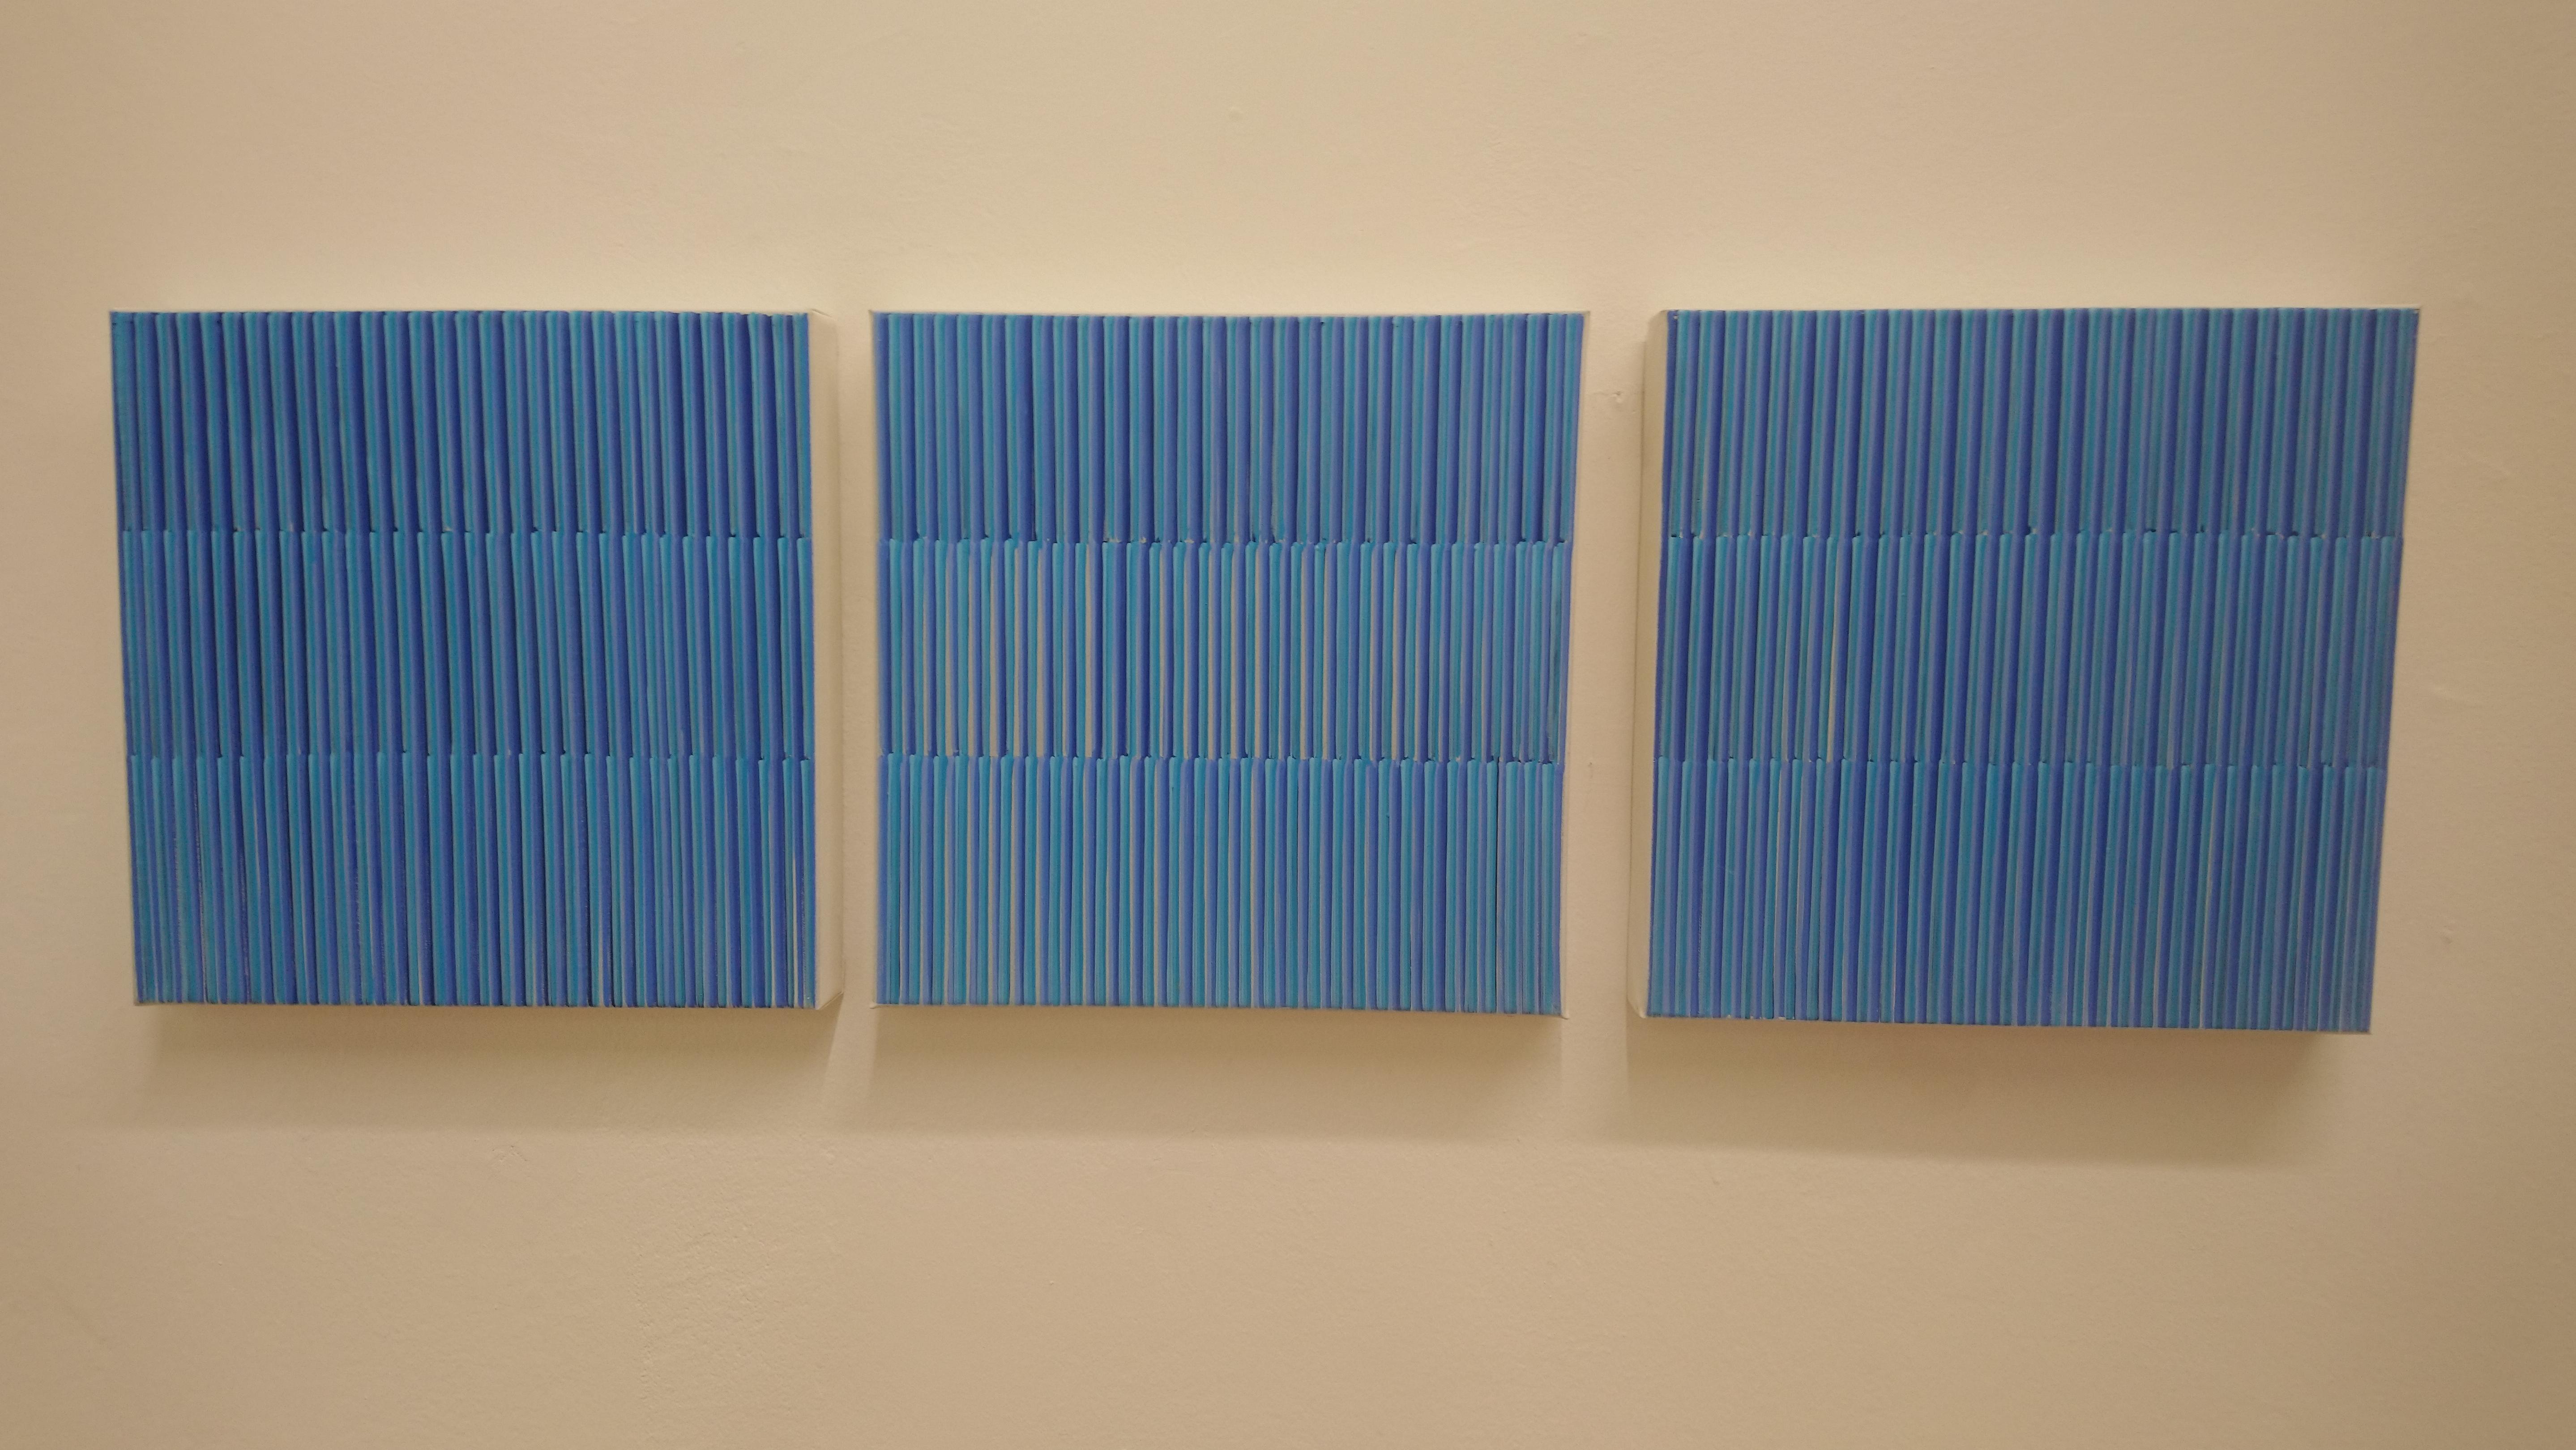 Dieses Kunstwerk wird bei der Großen Ostbayerischen Kunstausstellung ausgestellt.